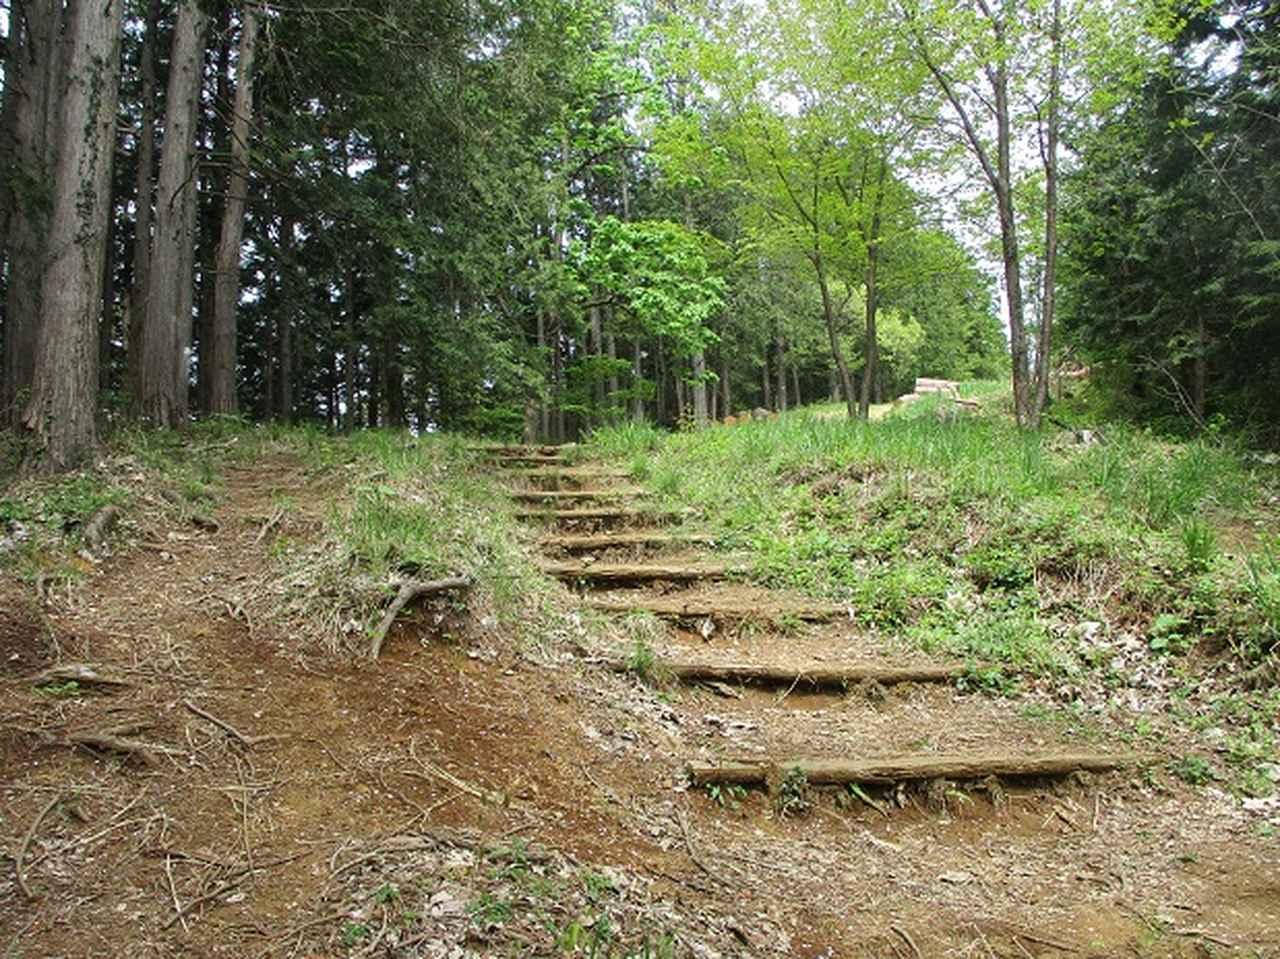 画像11: 5月の山旅会 西山峠から高尾山 ツアーの直前下見に行ってきました!